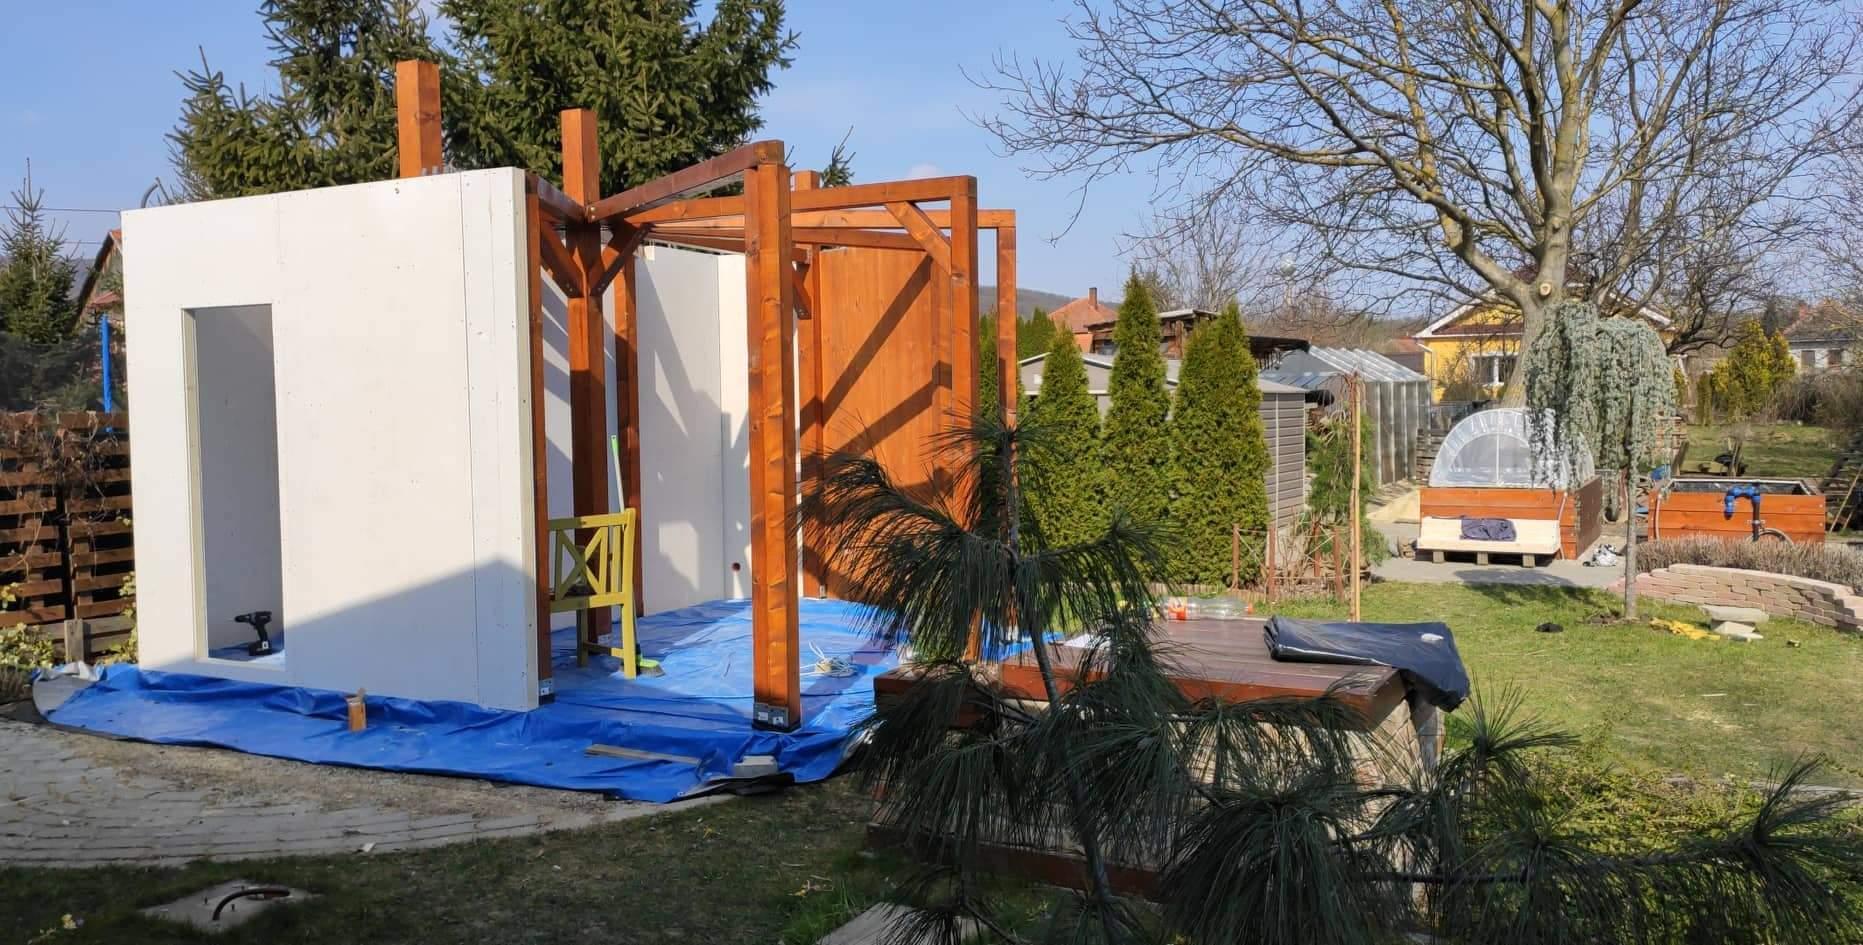 Relaxačný domček sauna a oddychová miestnosť ... plány, príprava a realizácia - Obrázok č. 74